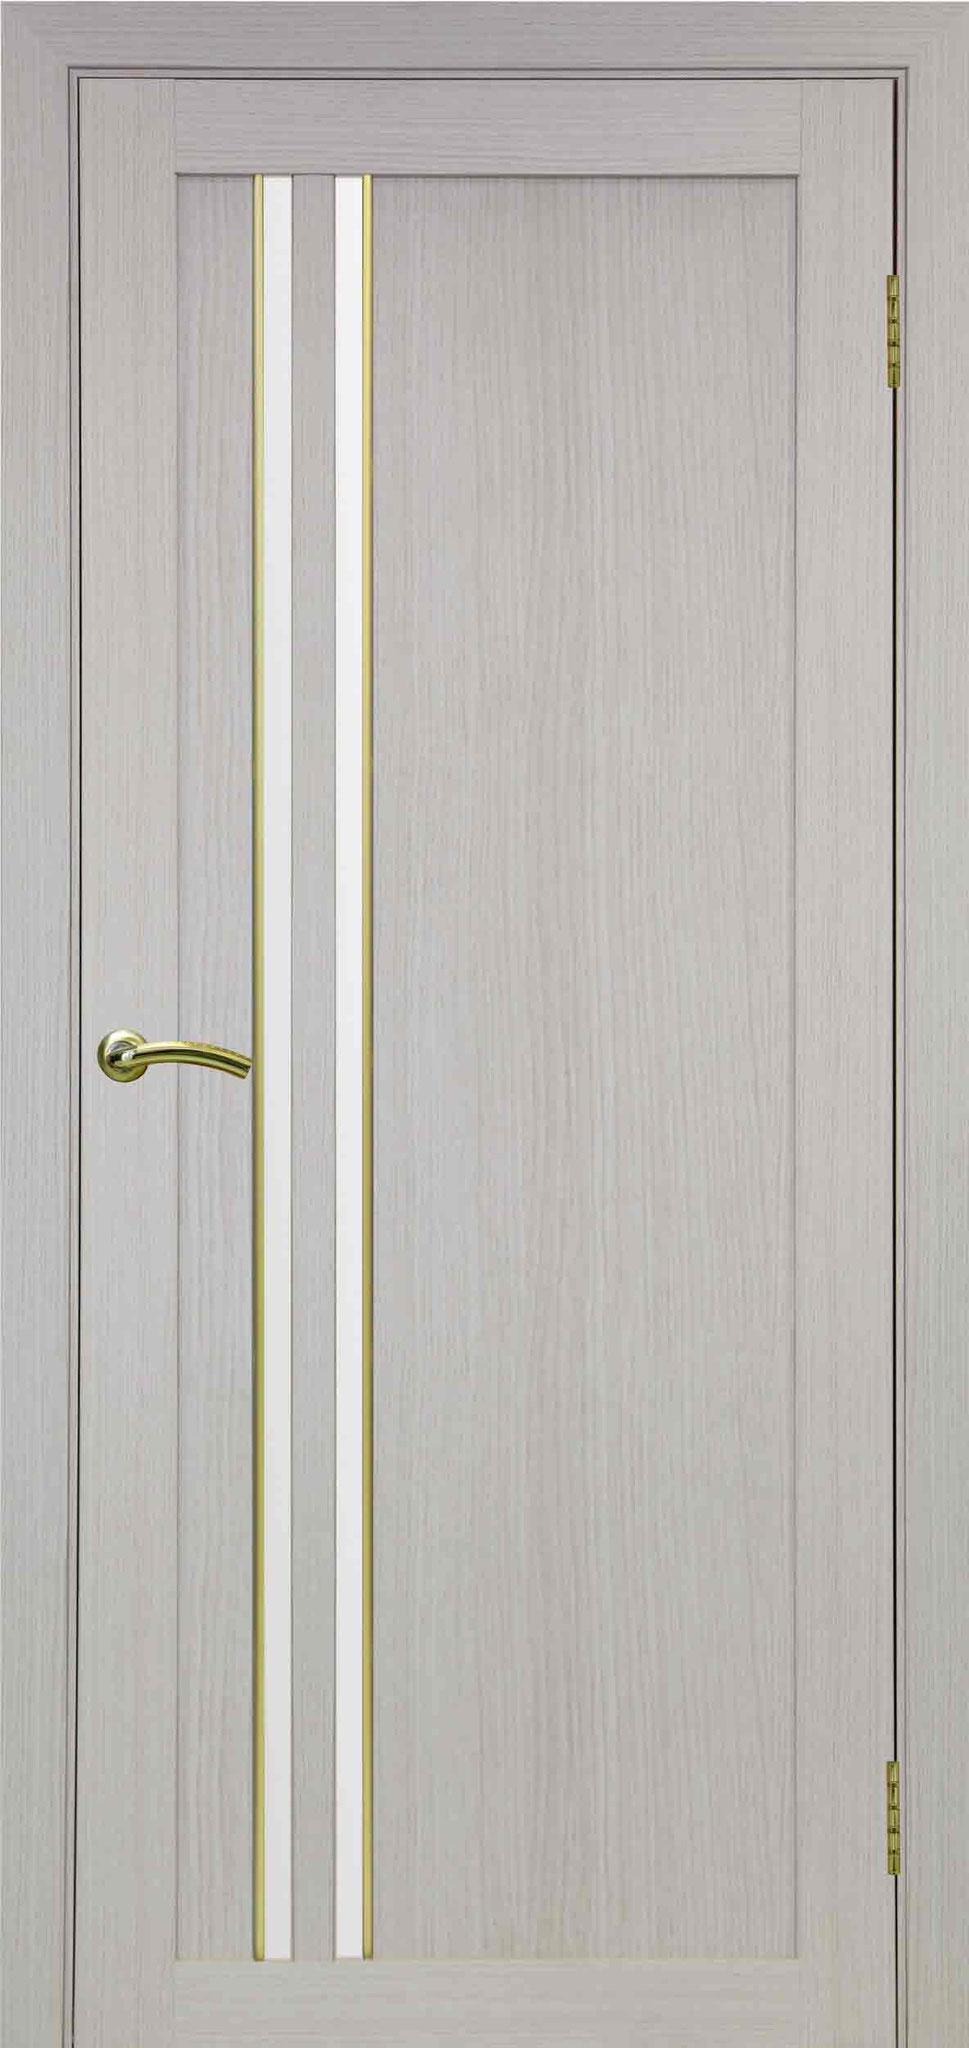 525 белёный дуб, АПС молдинг матовое золото, стекло сатин белое